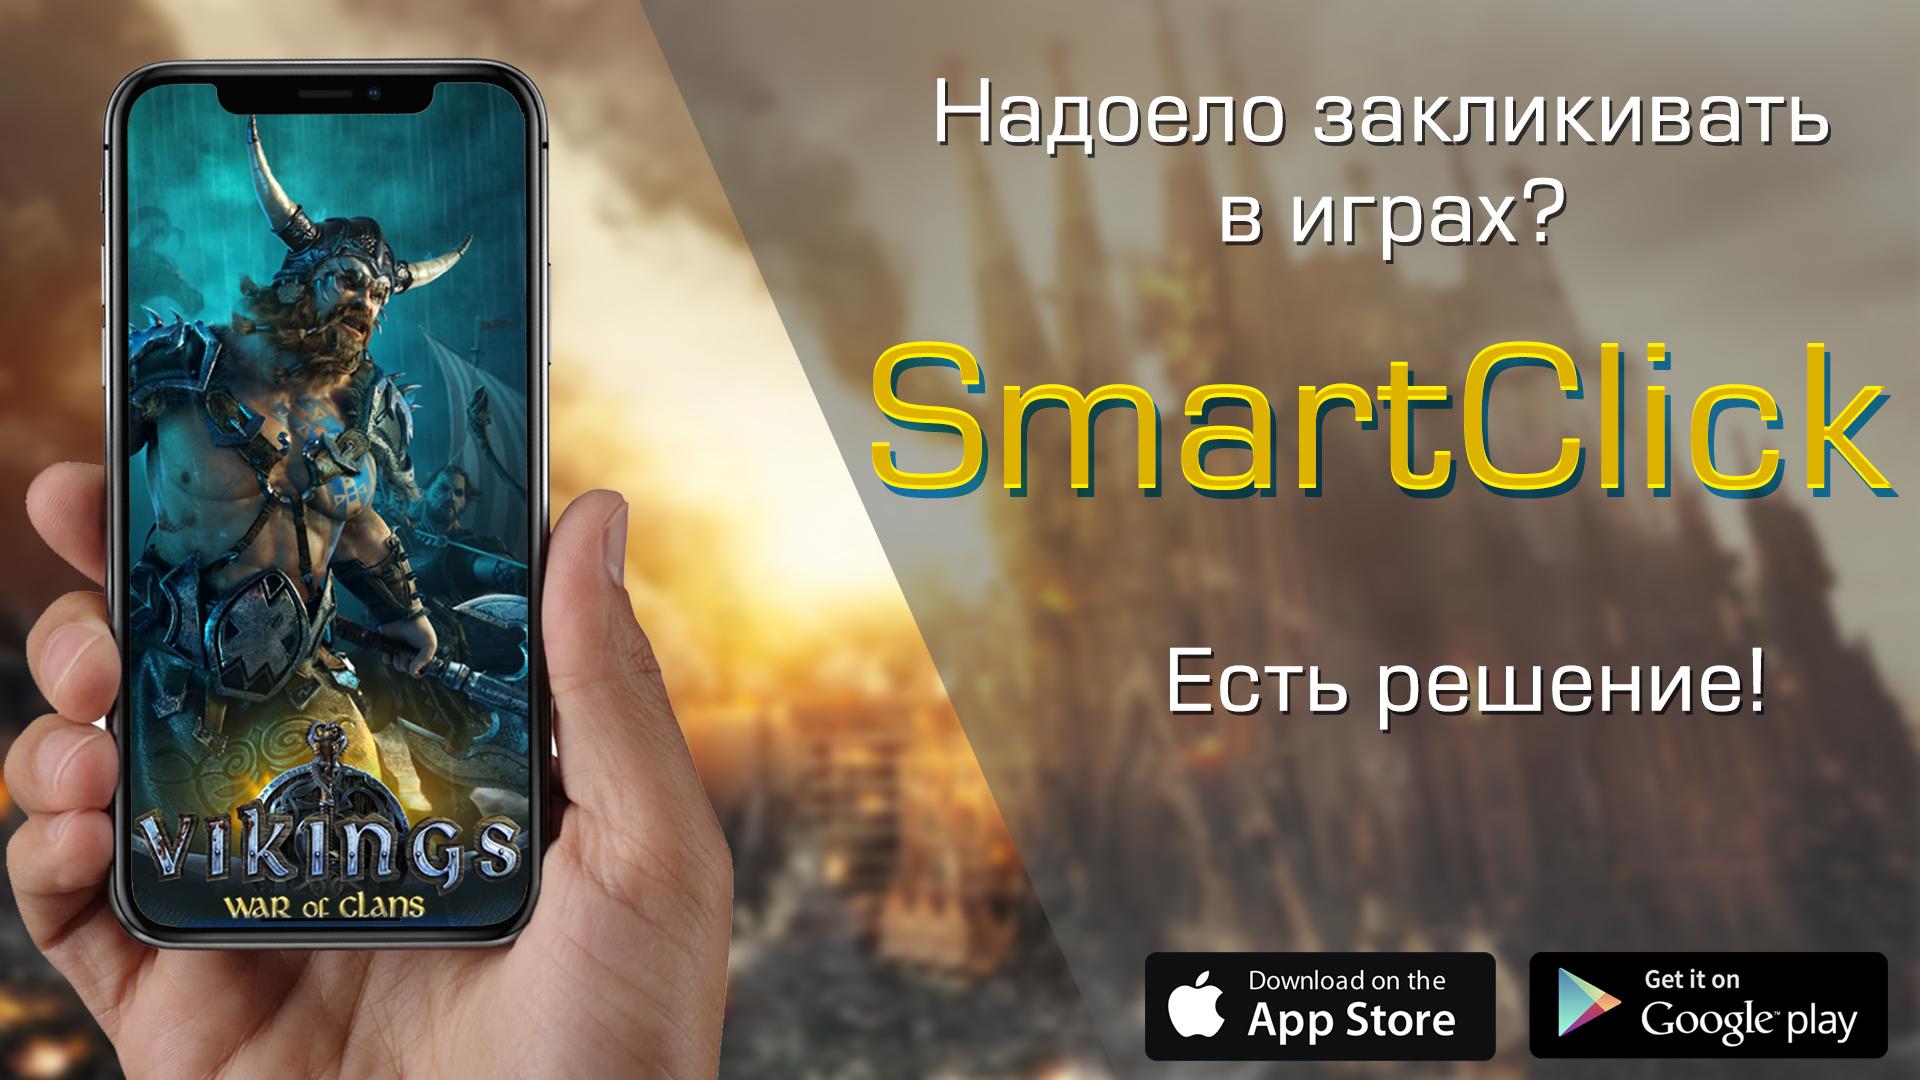 Разработка рекламного баннера мобильного приложения фото f_9255c06204112d0f.jpg